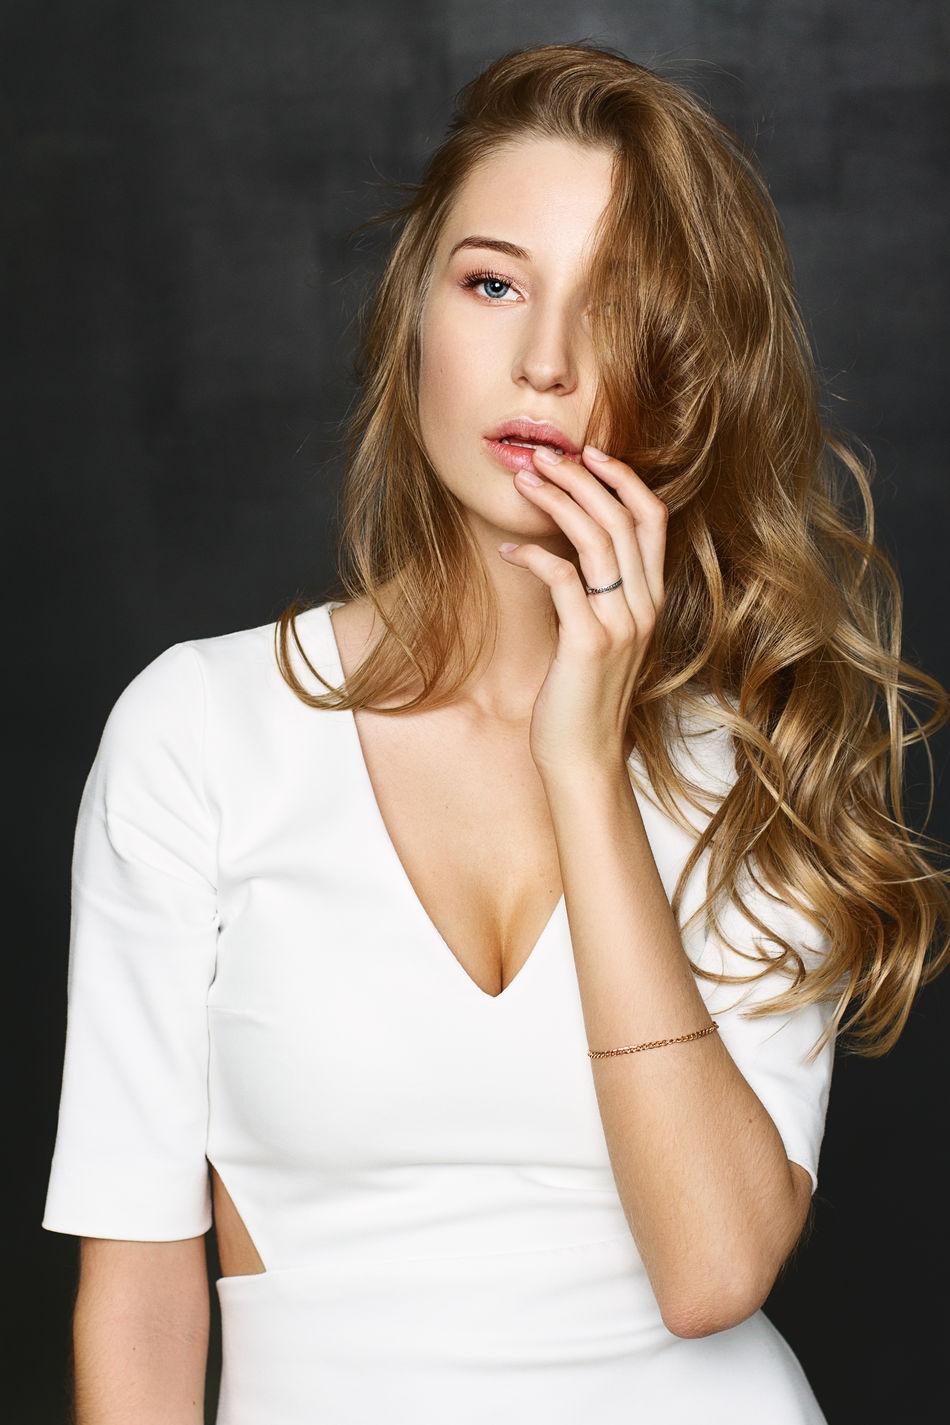 Beautiful stock photos of lippen, beautiful woman, beauty, portrait, beautiful people